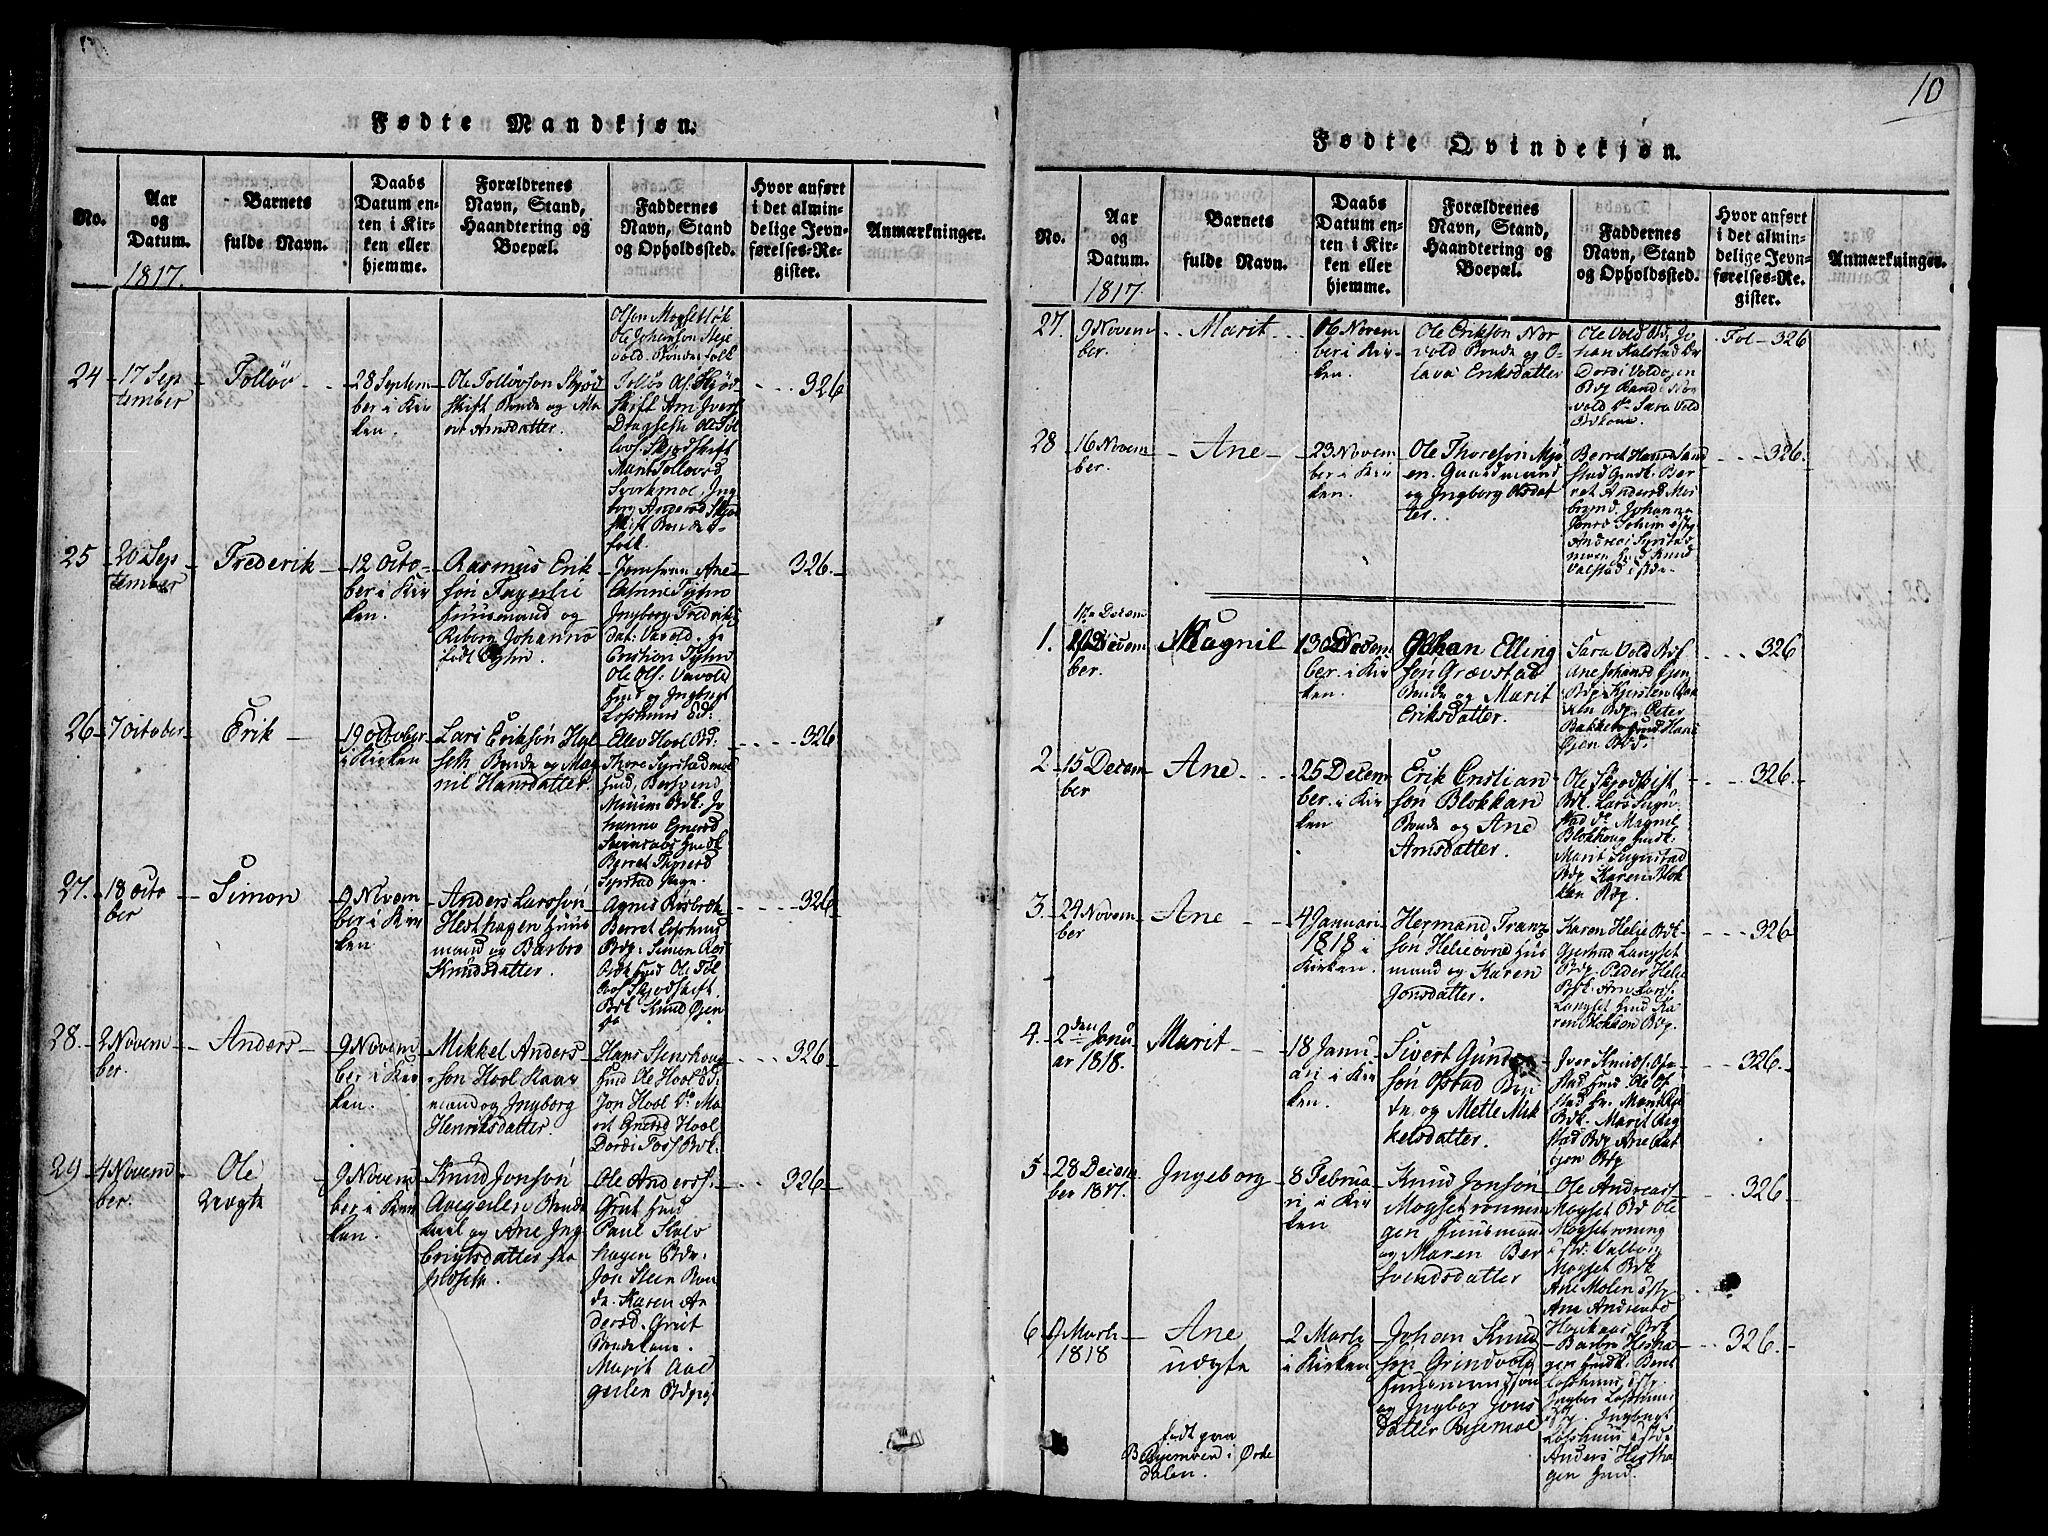 SAT, Ministerialprotokoller, klokkerbøker og fødselsregistre - Sør-Trøndelag, 672/L0853: Ministerialbok nr. 672A06 /1, 1816-1829, s. 10